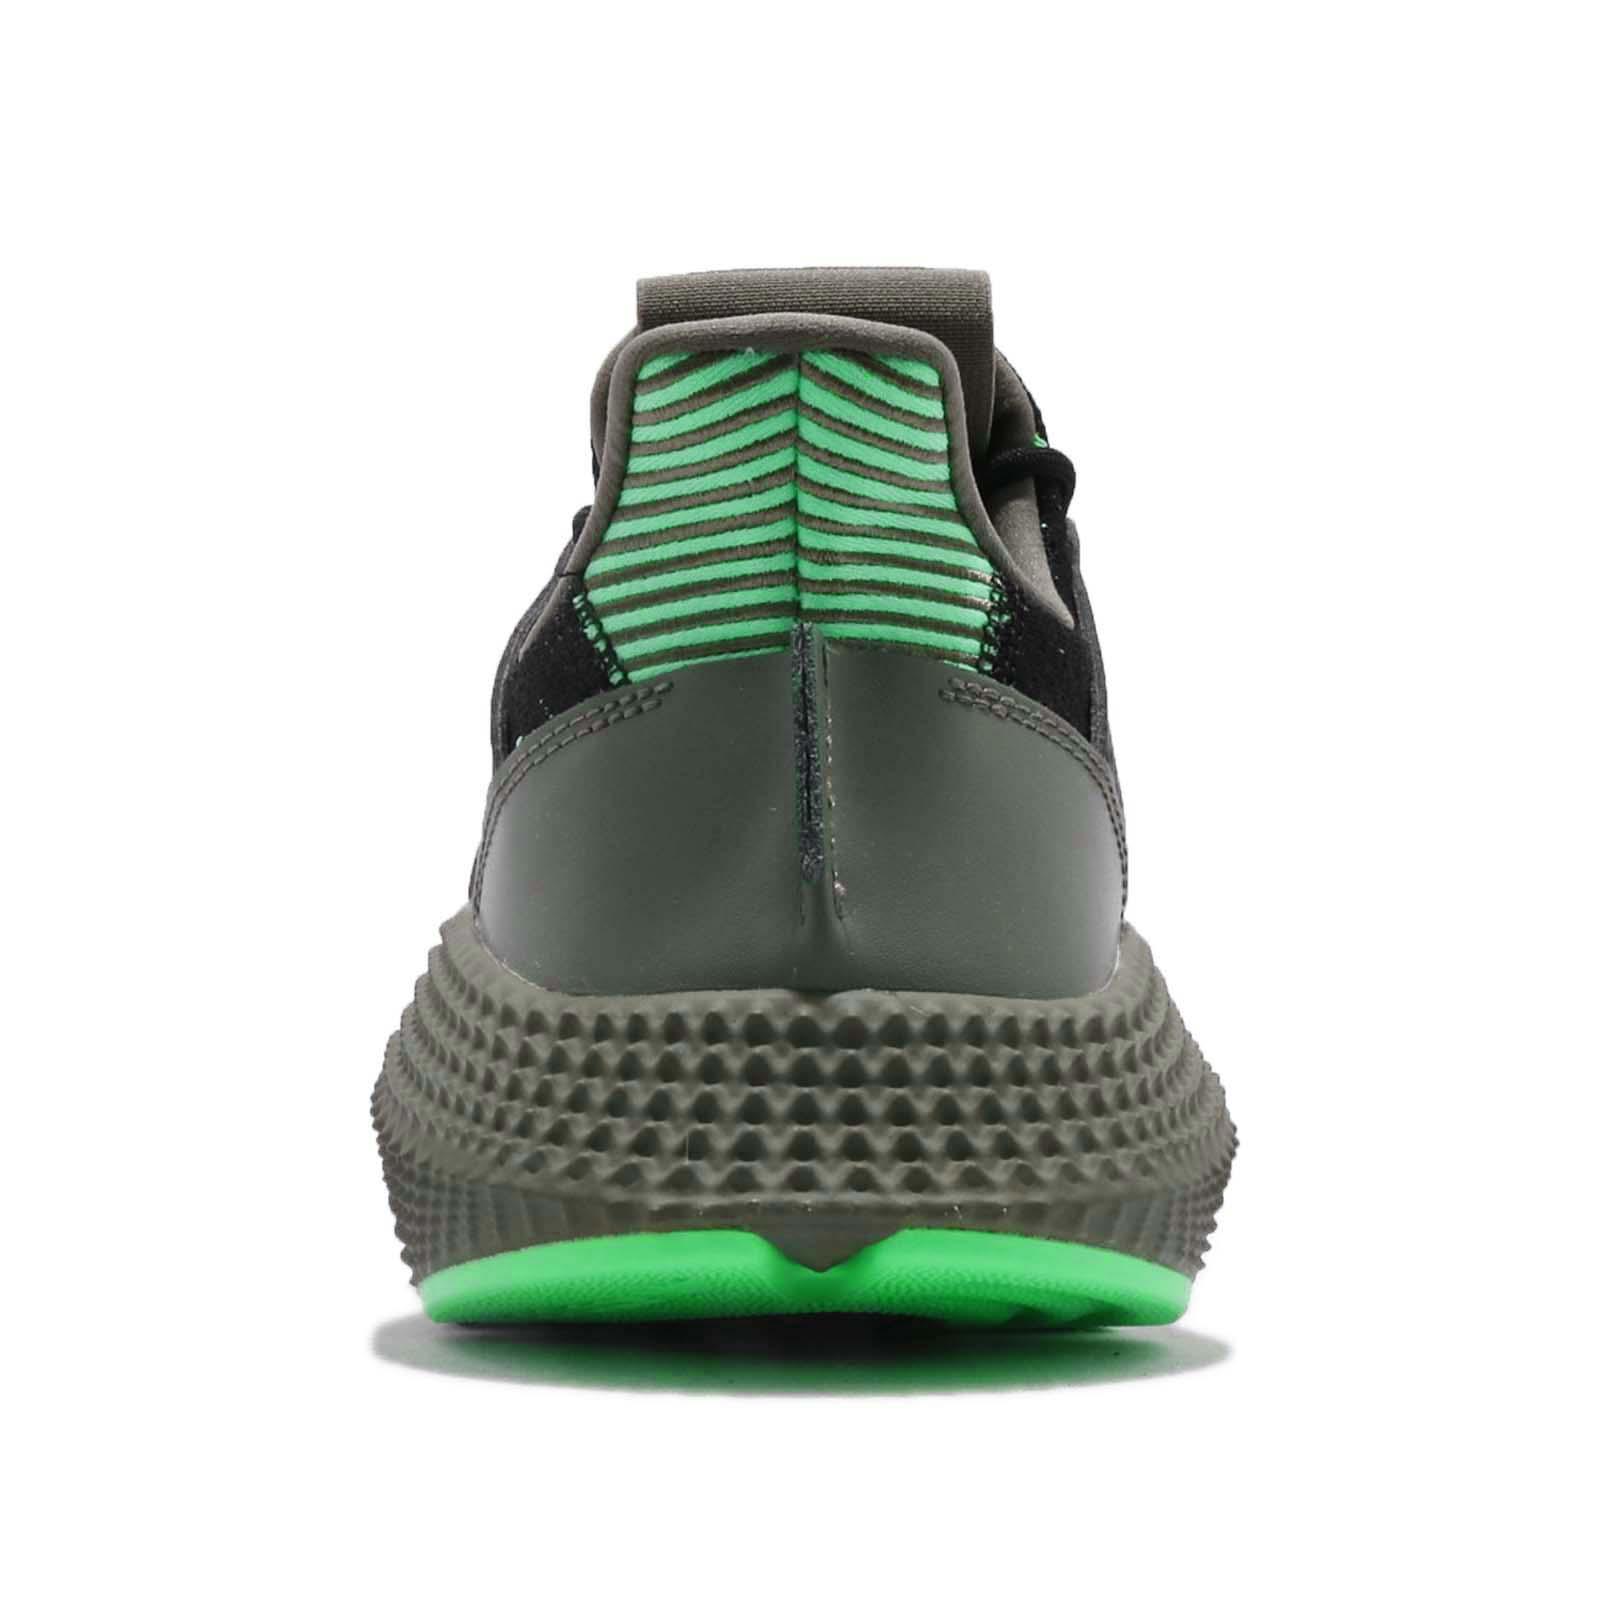 9e83a968e479cd adidas Originals Prophere Black Shock Lime Men Running Shoes ...